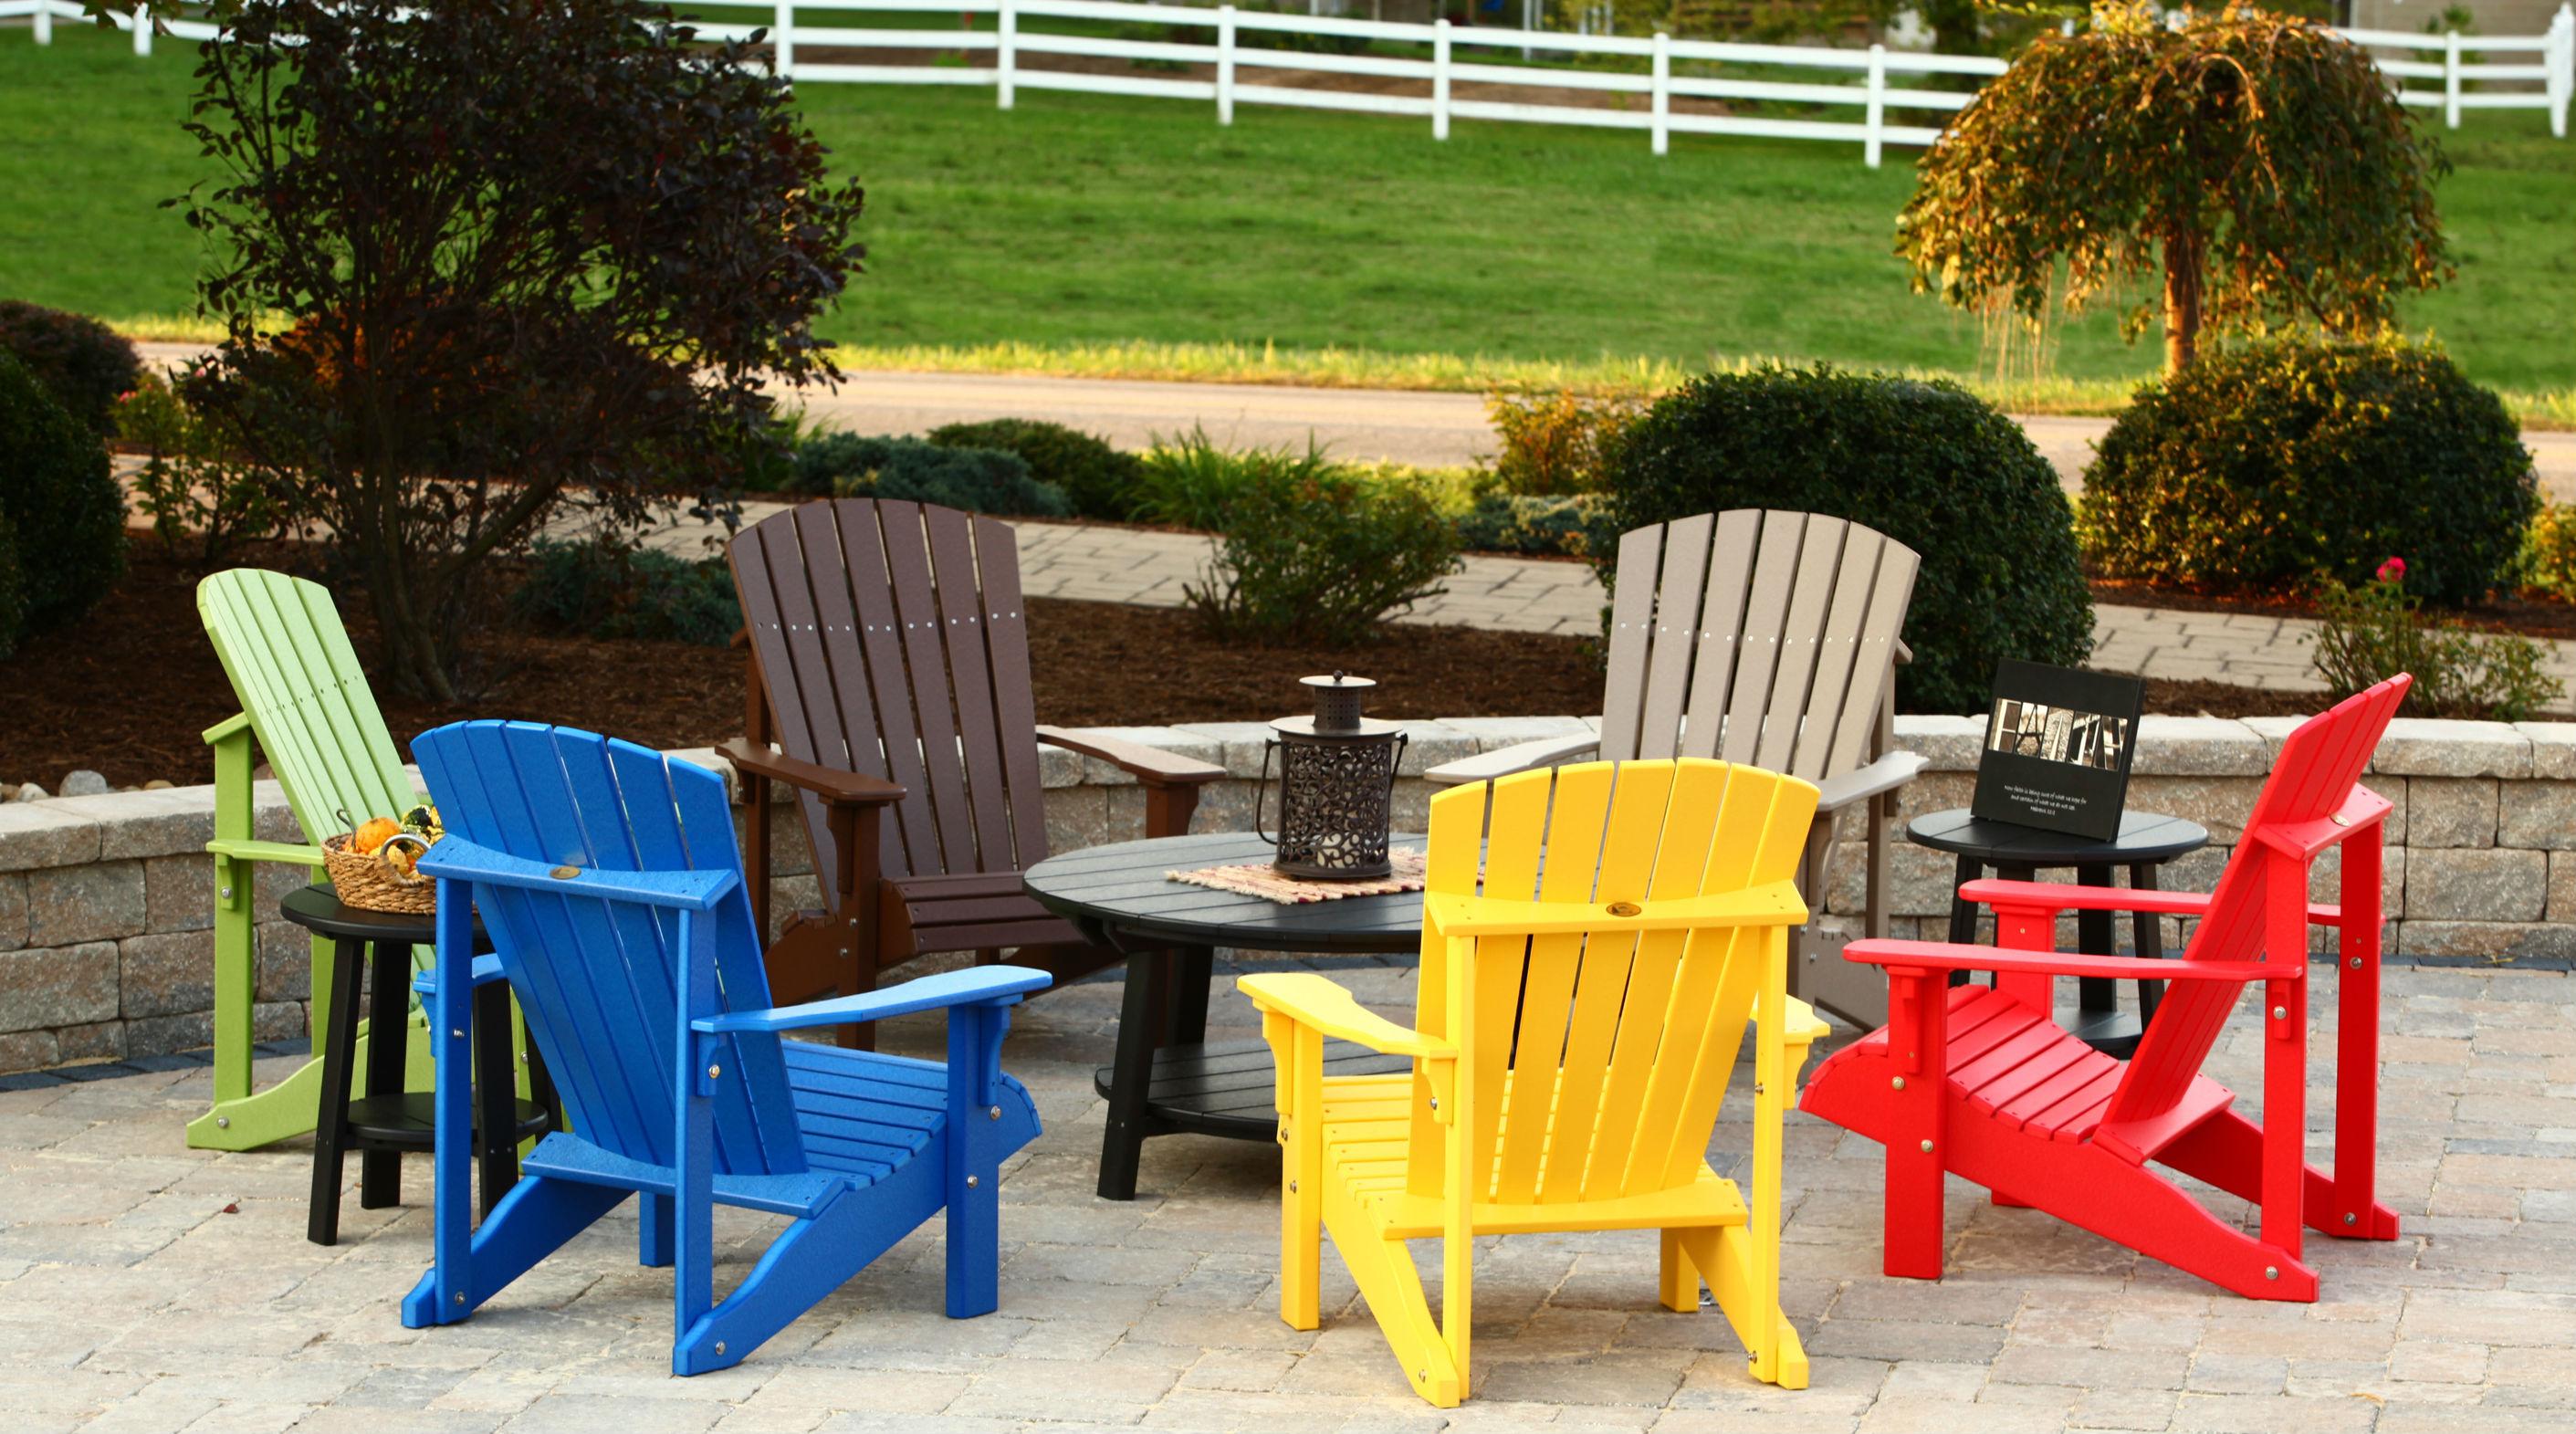 Recycled Plastic Muskoka Chairs